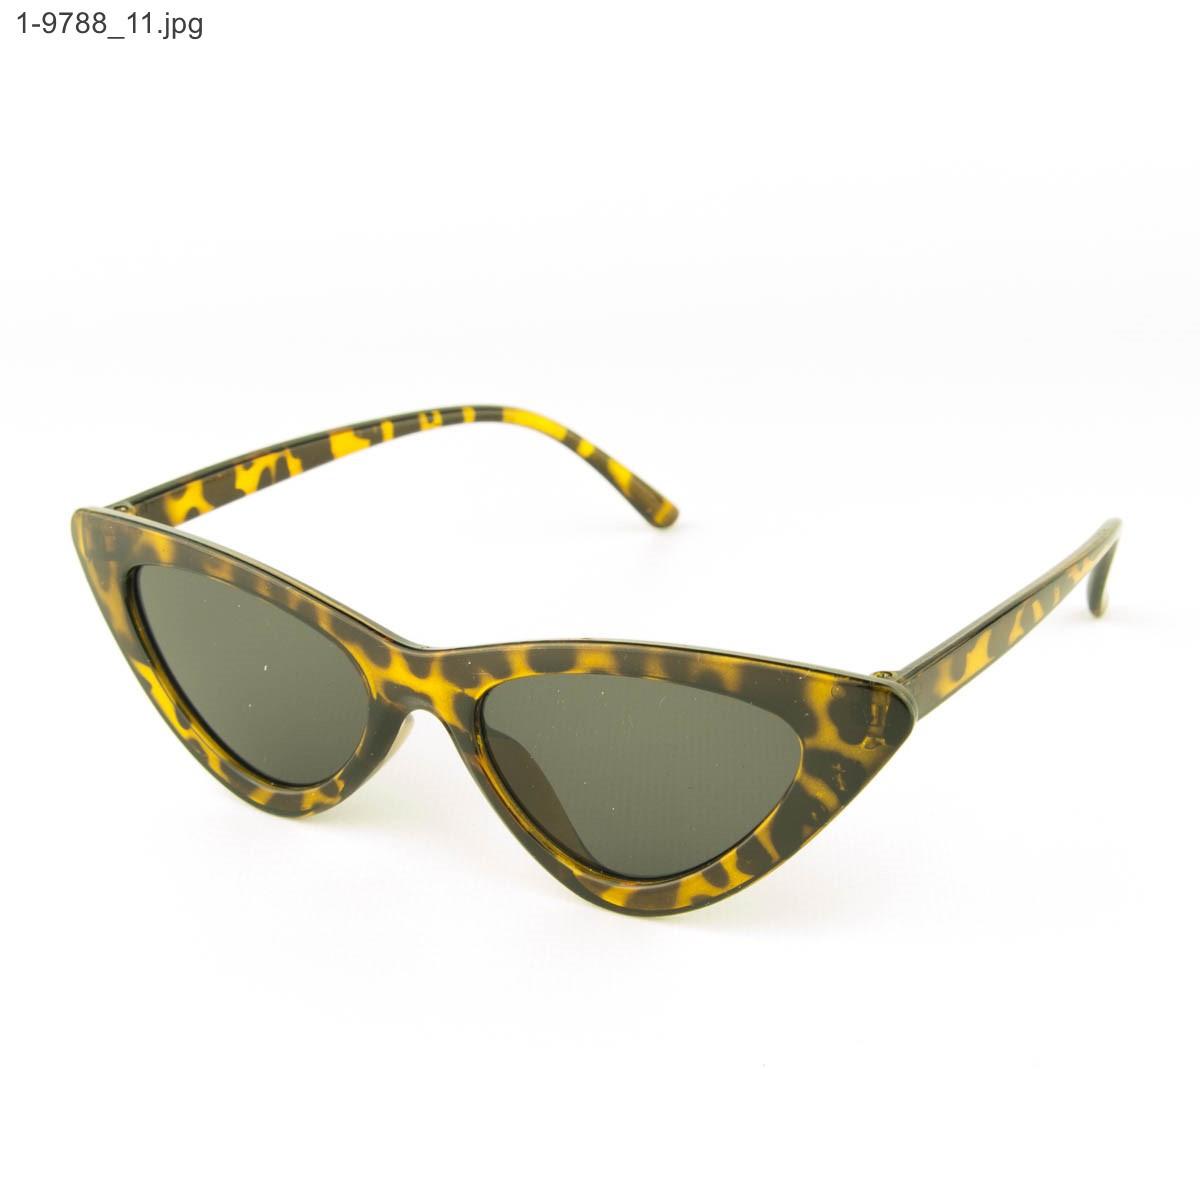 Солнцезащитные женские очки кошачий глаз - Леопардовые - 1-9788, фото 1